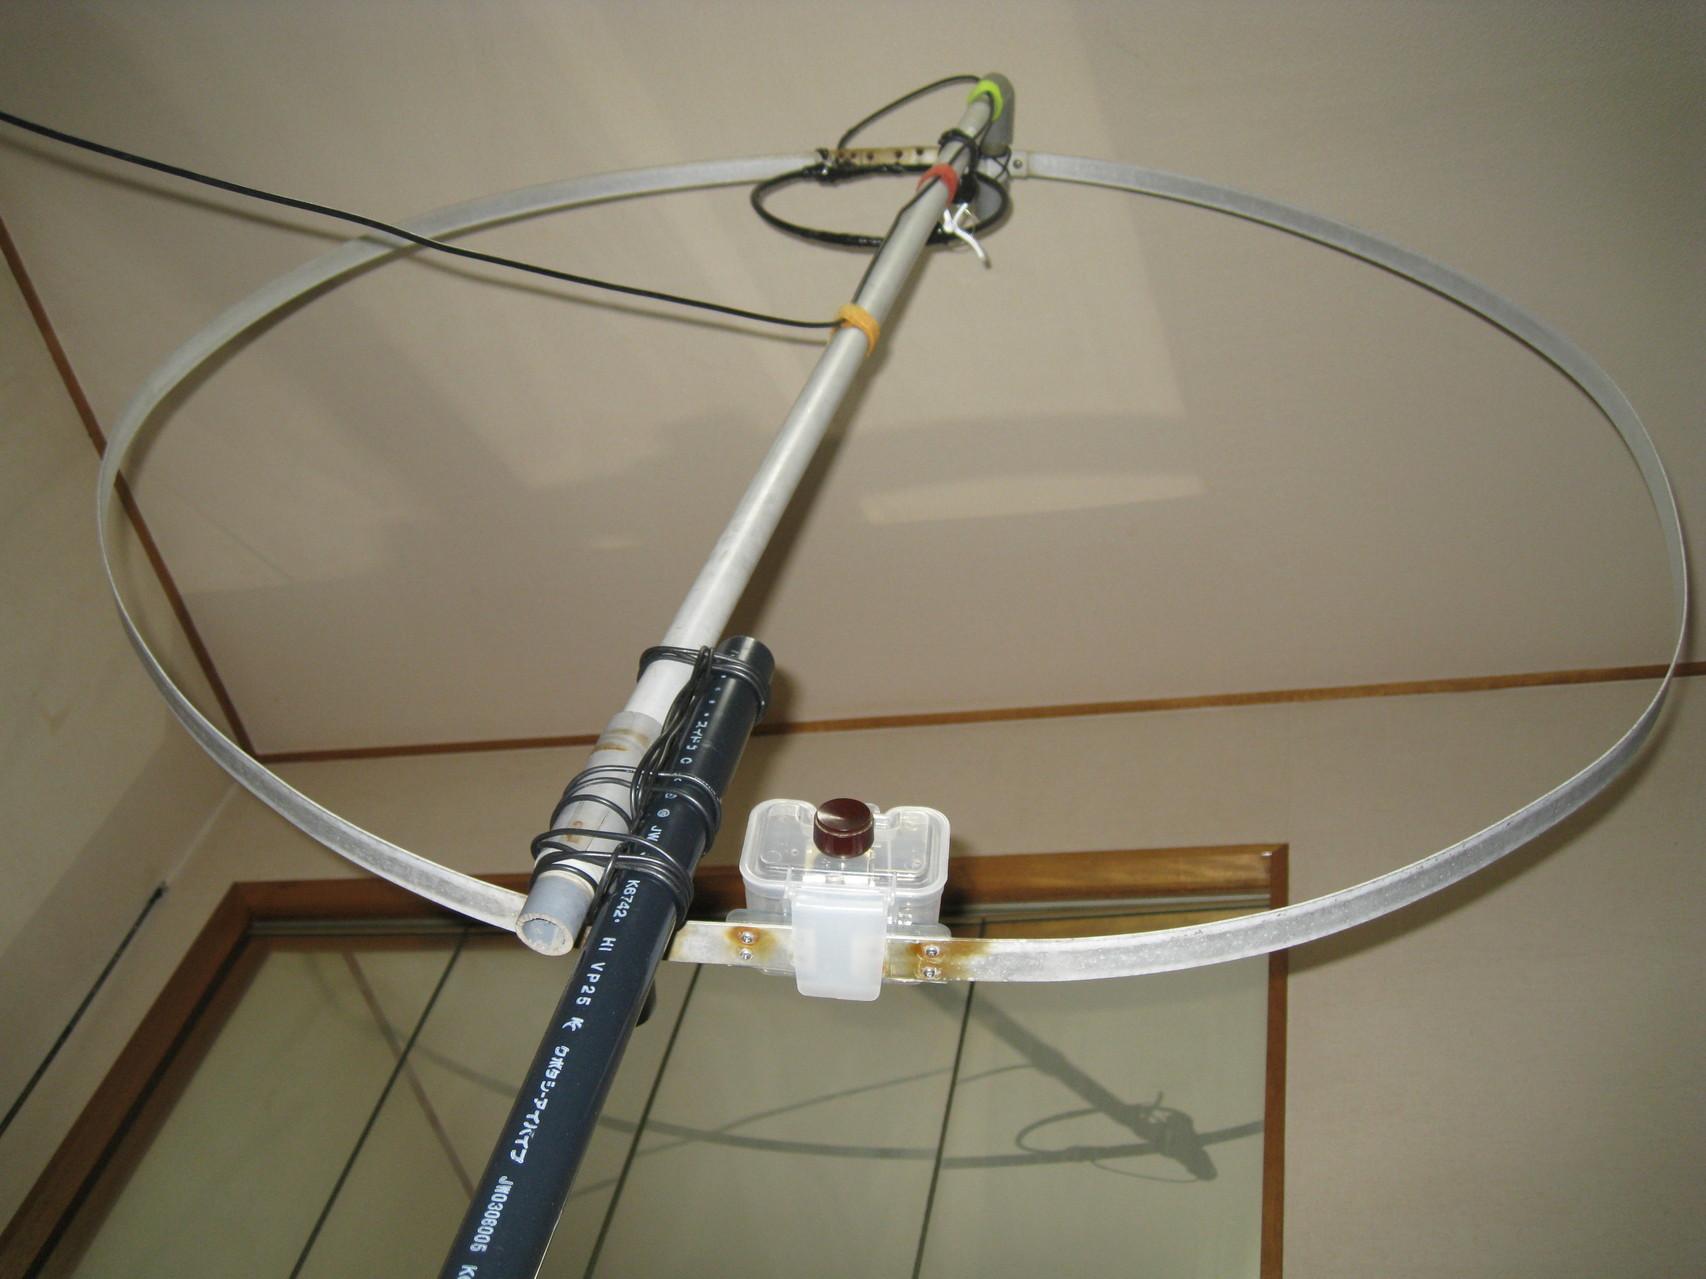 直径120cmMLA(直径25cm給電LOOP):JH1AGL局からいただいたものをファラデーシールド結合に一部改造したMLAです。